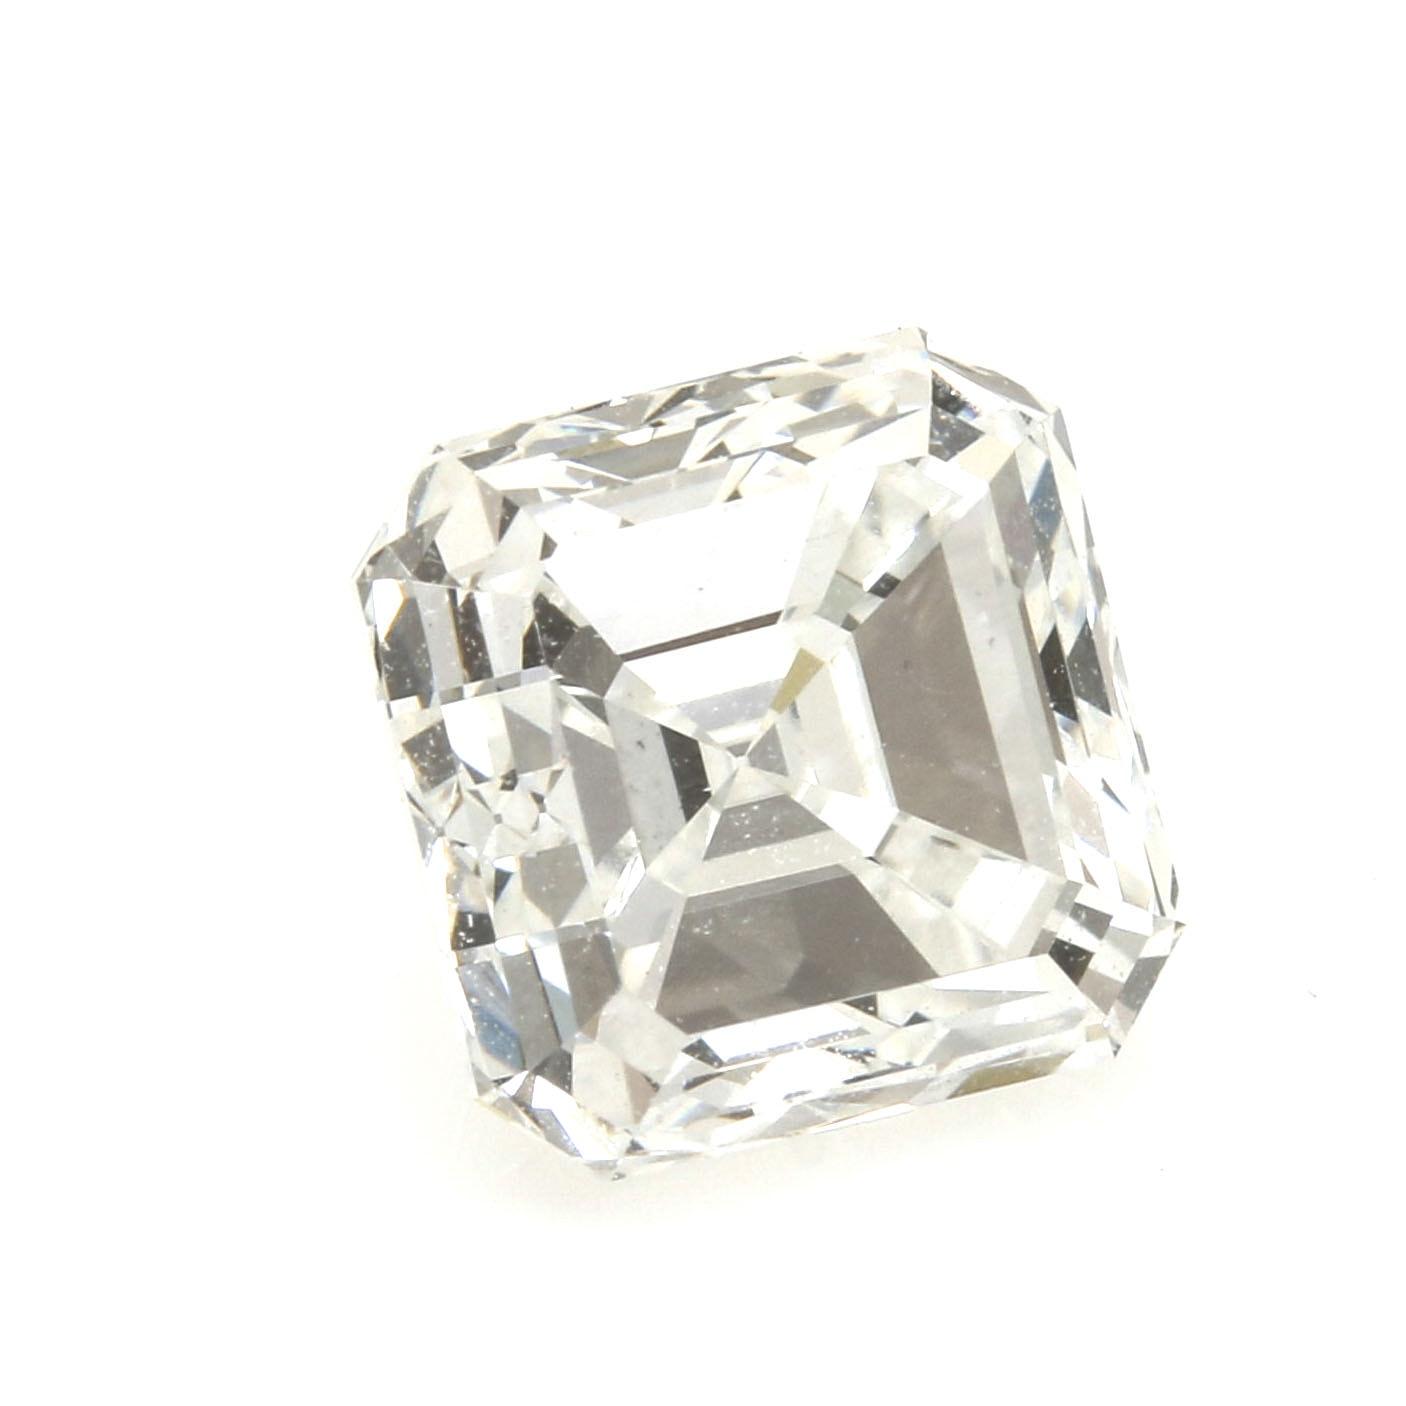 Loose 1.54 CTS Asscher Cut Corner Square Step Cut Diamond